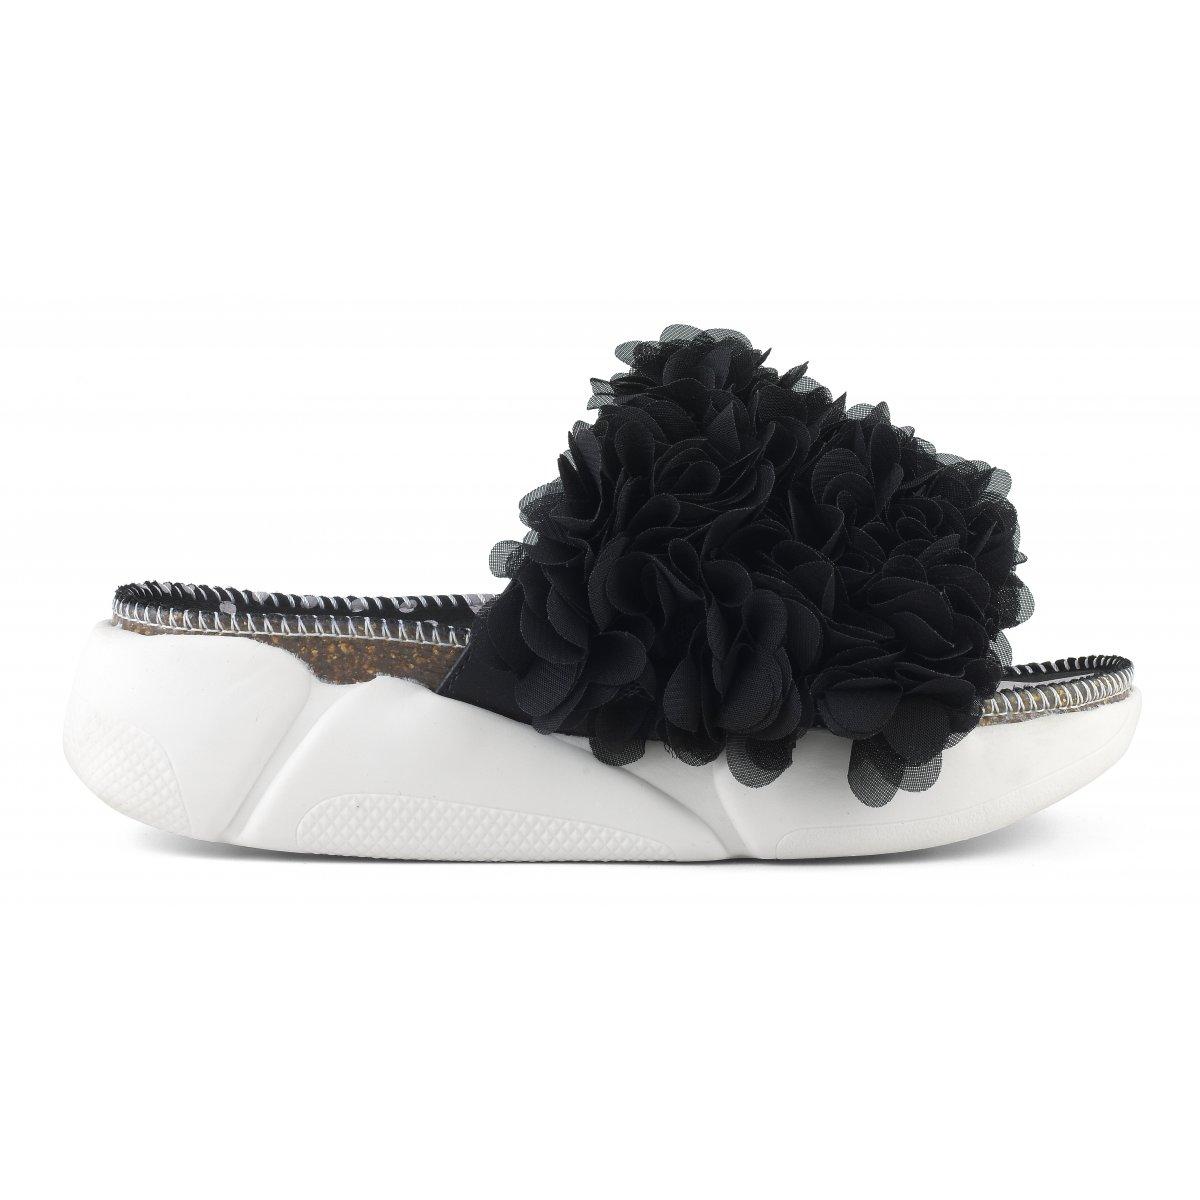 Sandali con accessorio floreale con suola sneaker